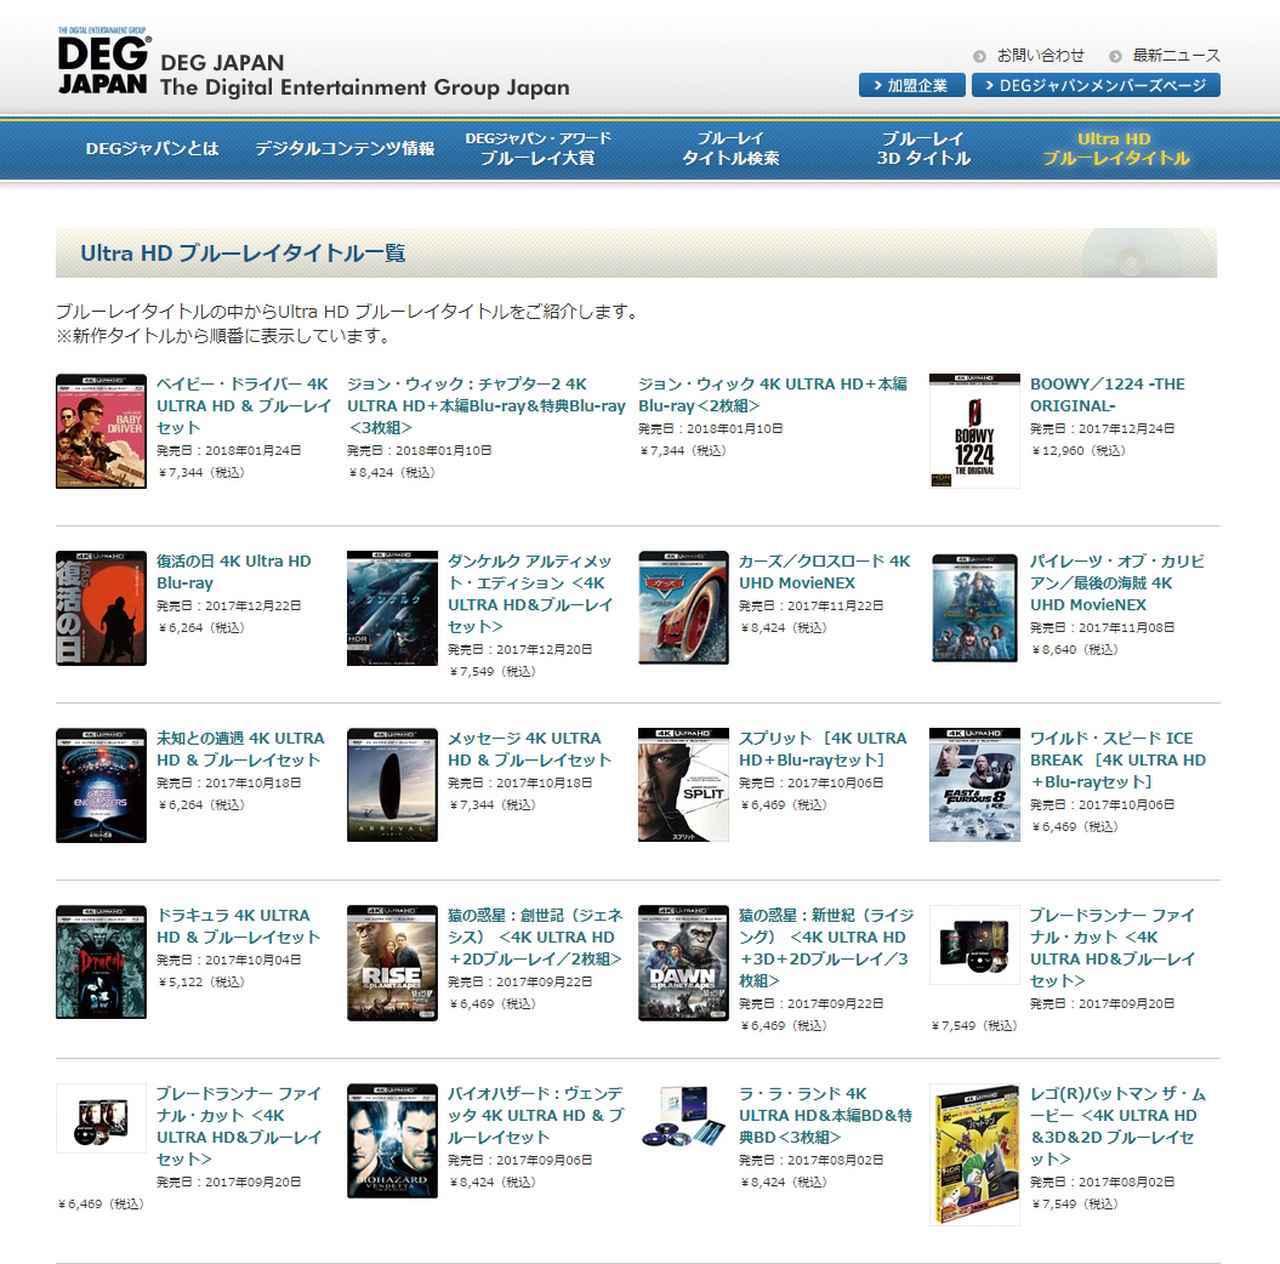 画像: 映像の業界団体・DEGジャパンのサイトでは、現在リリースされている4K Ultra HDブルーレイのタイトルを一覧することができる。